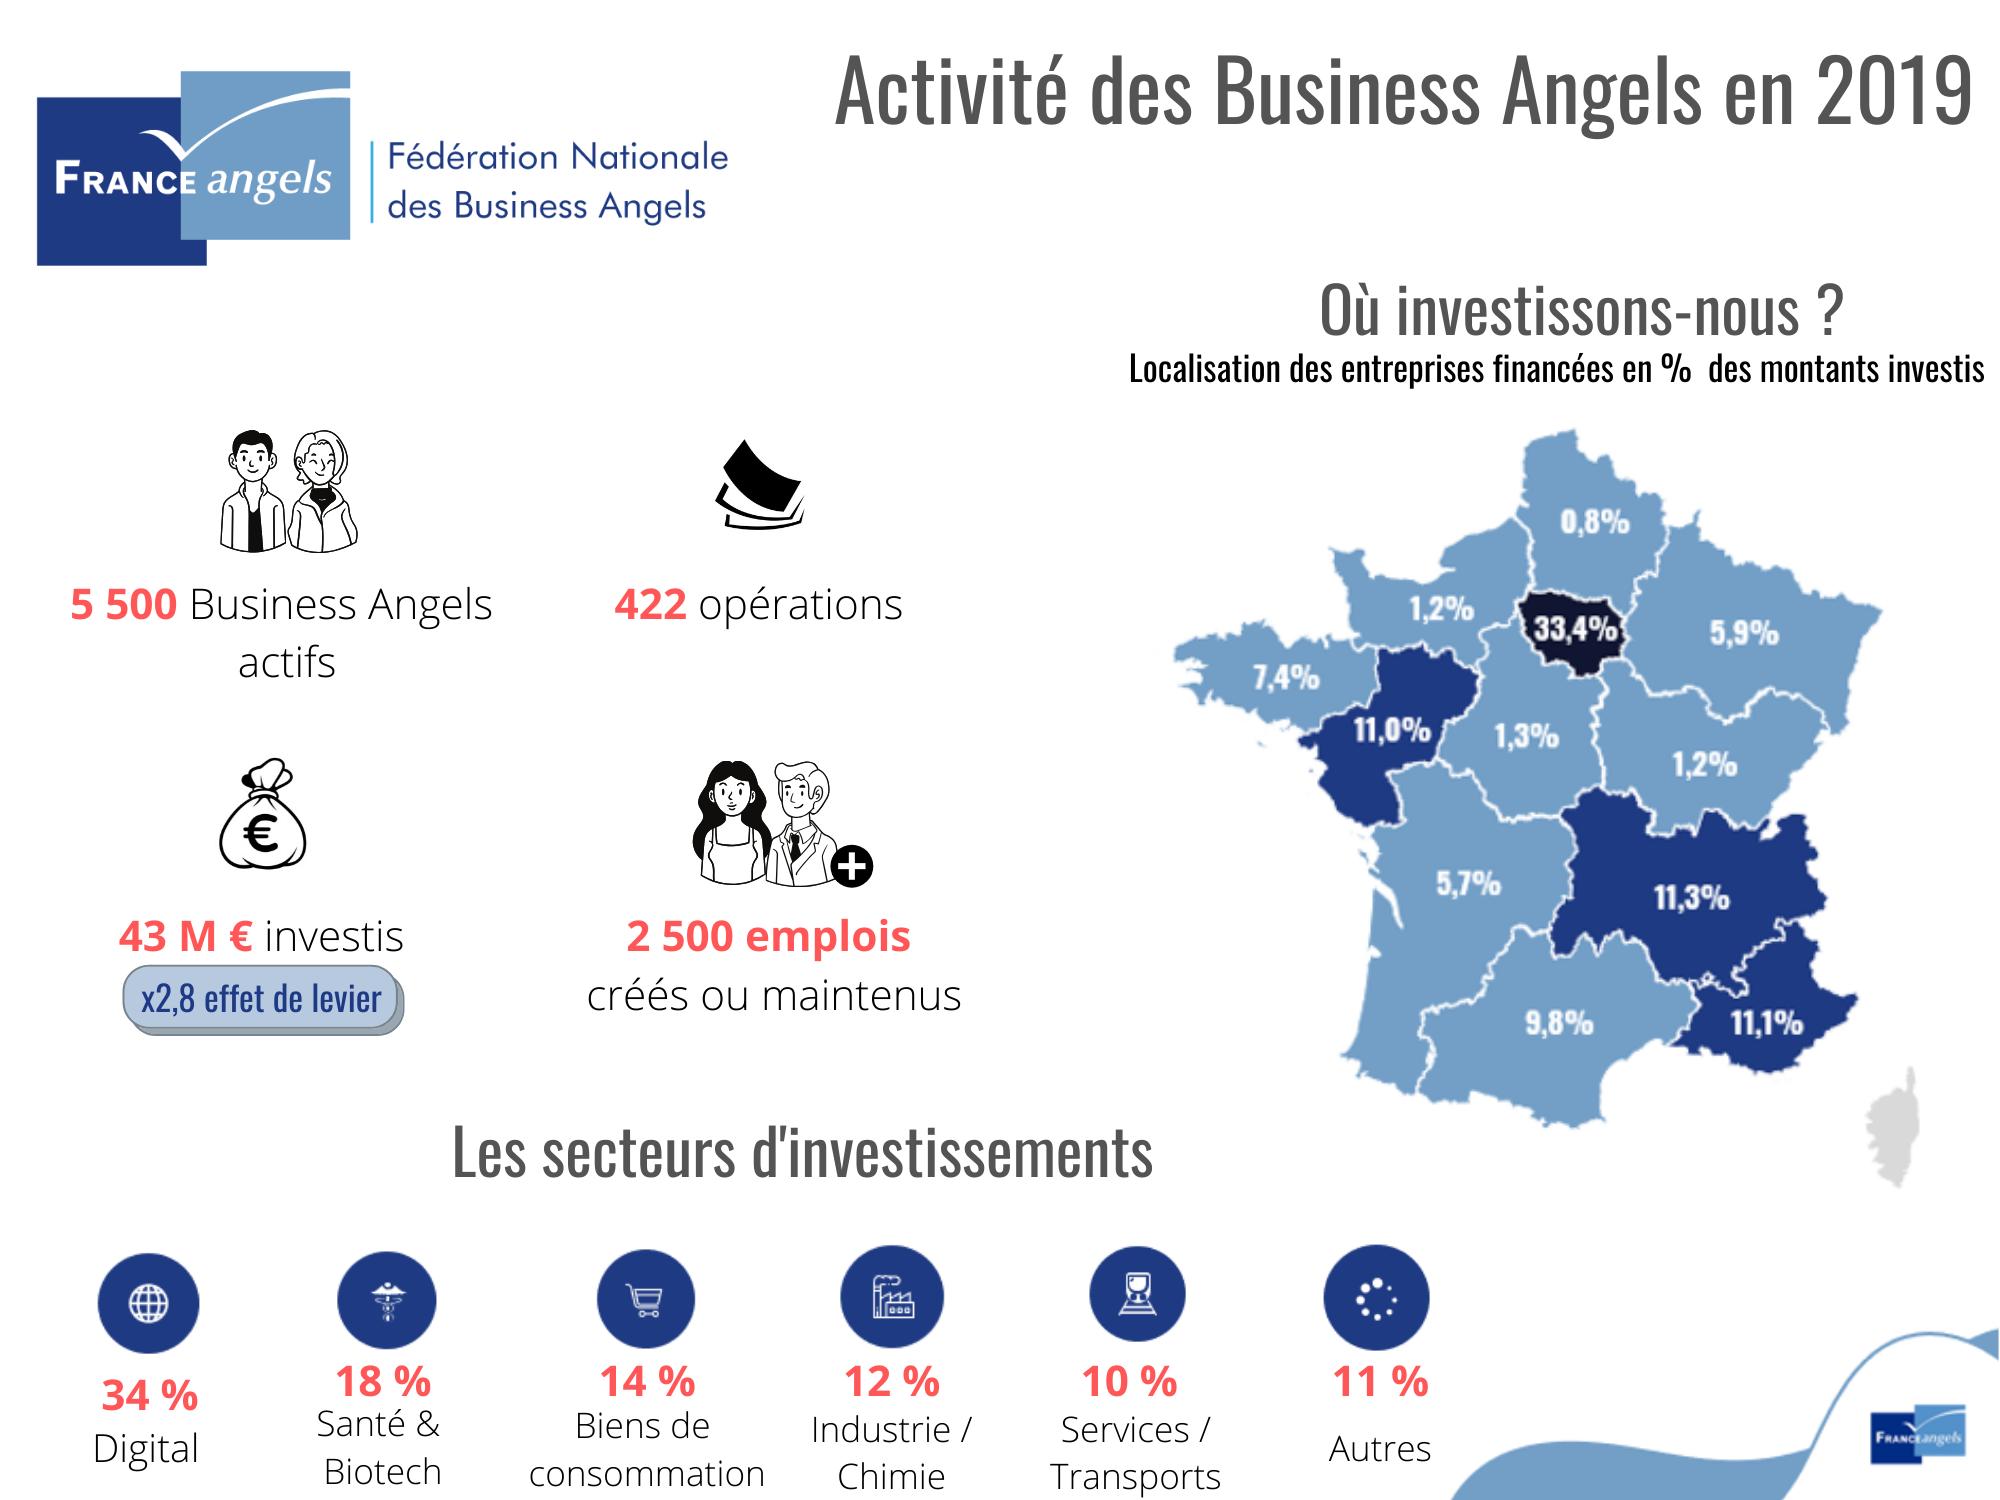 Bilan 2019 de l'activité des business angels en France